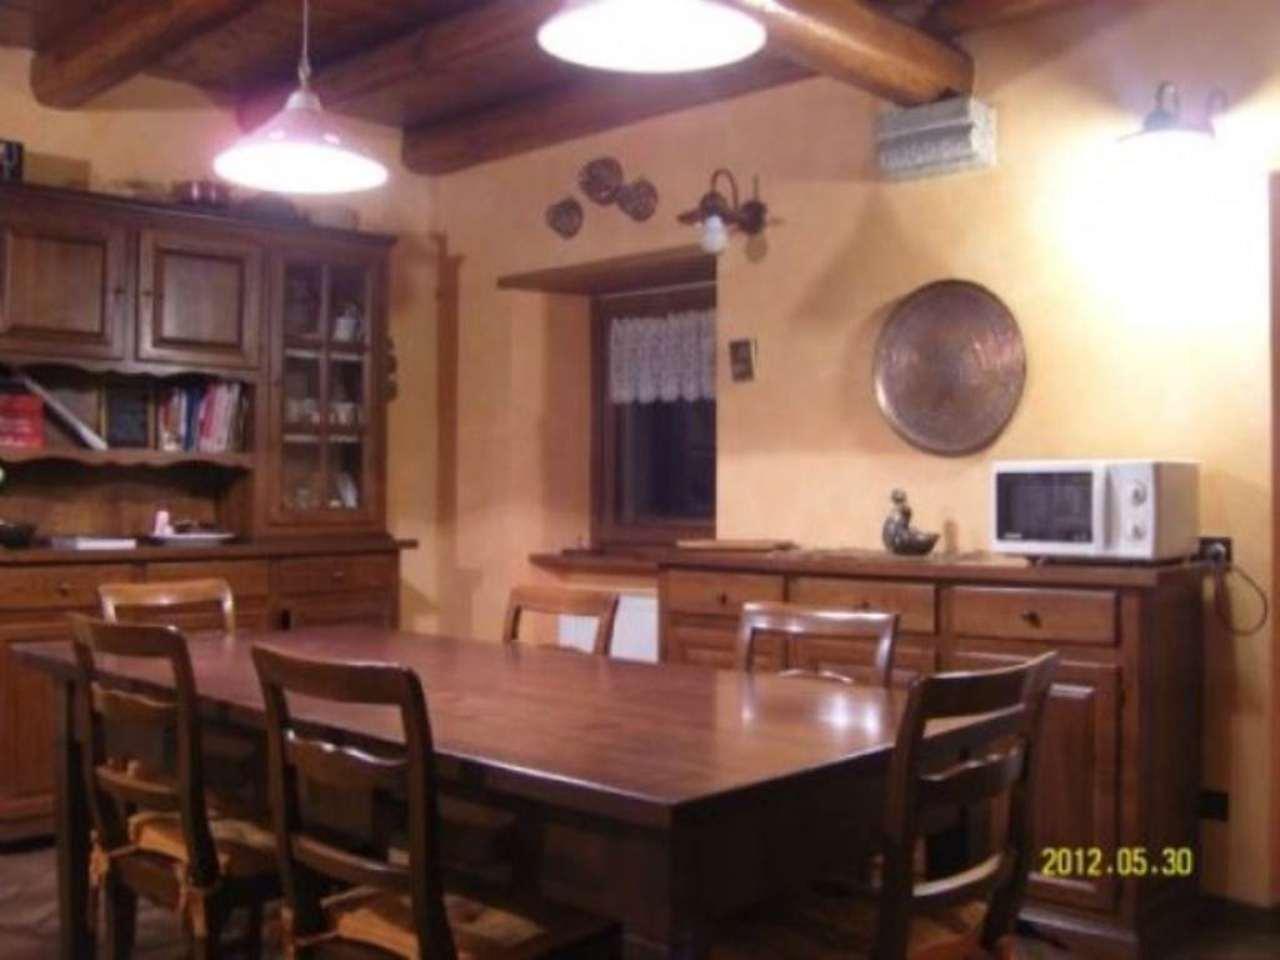 Casa indipendente in Vendita a Zelbio: 5 locali, 180 mq - Foto 6